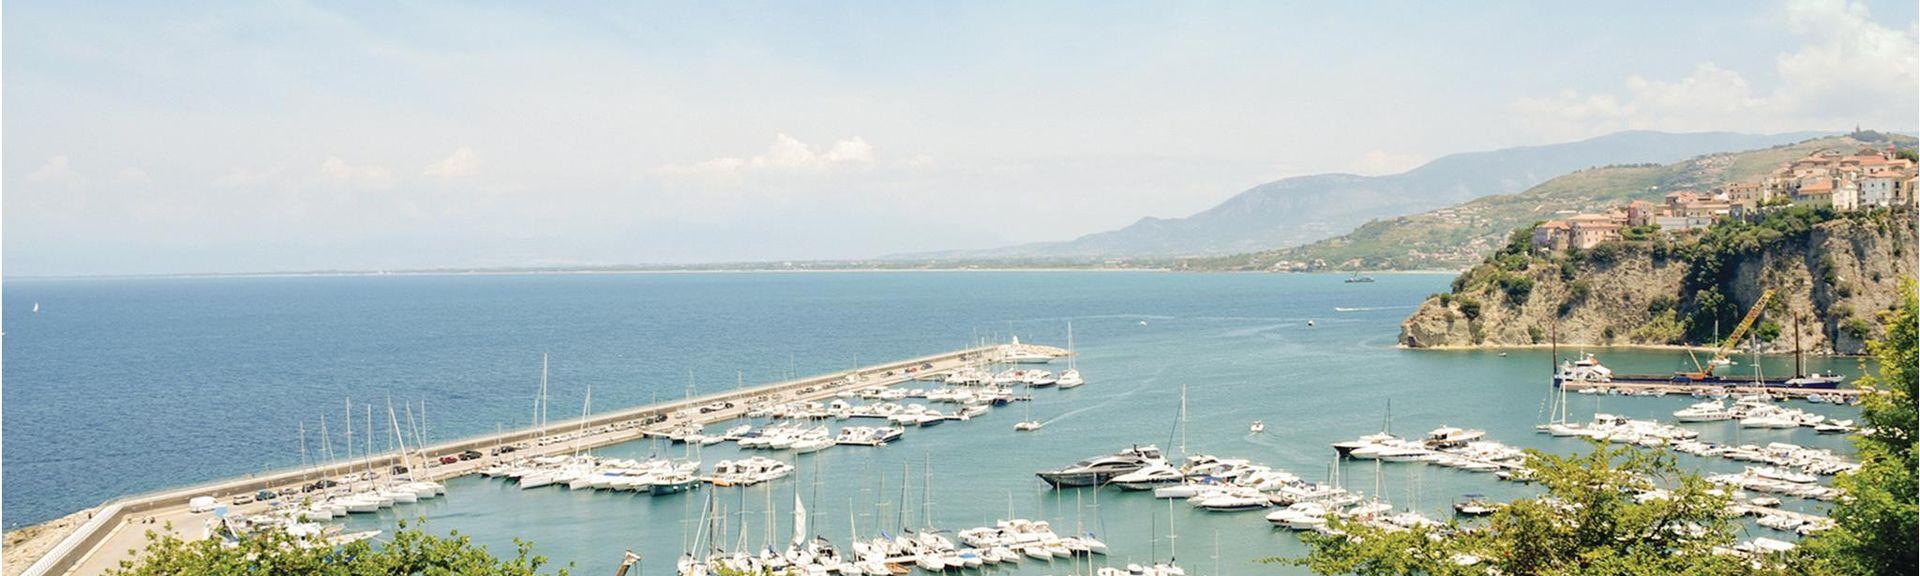 Torchiara, Campania, Italy